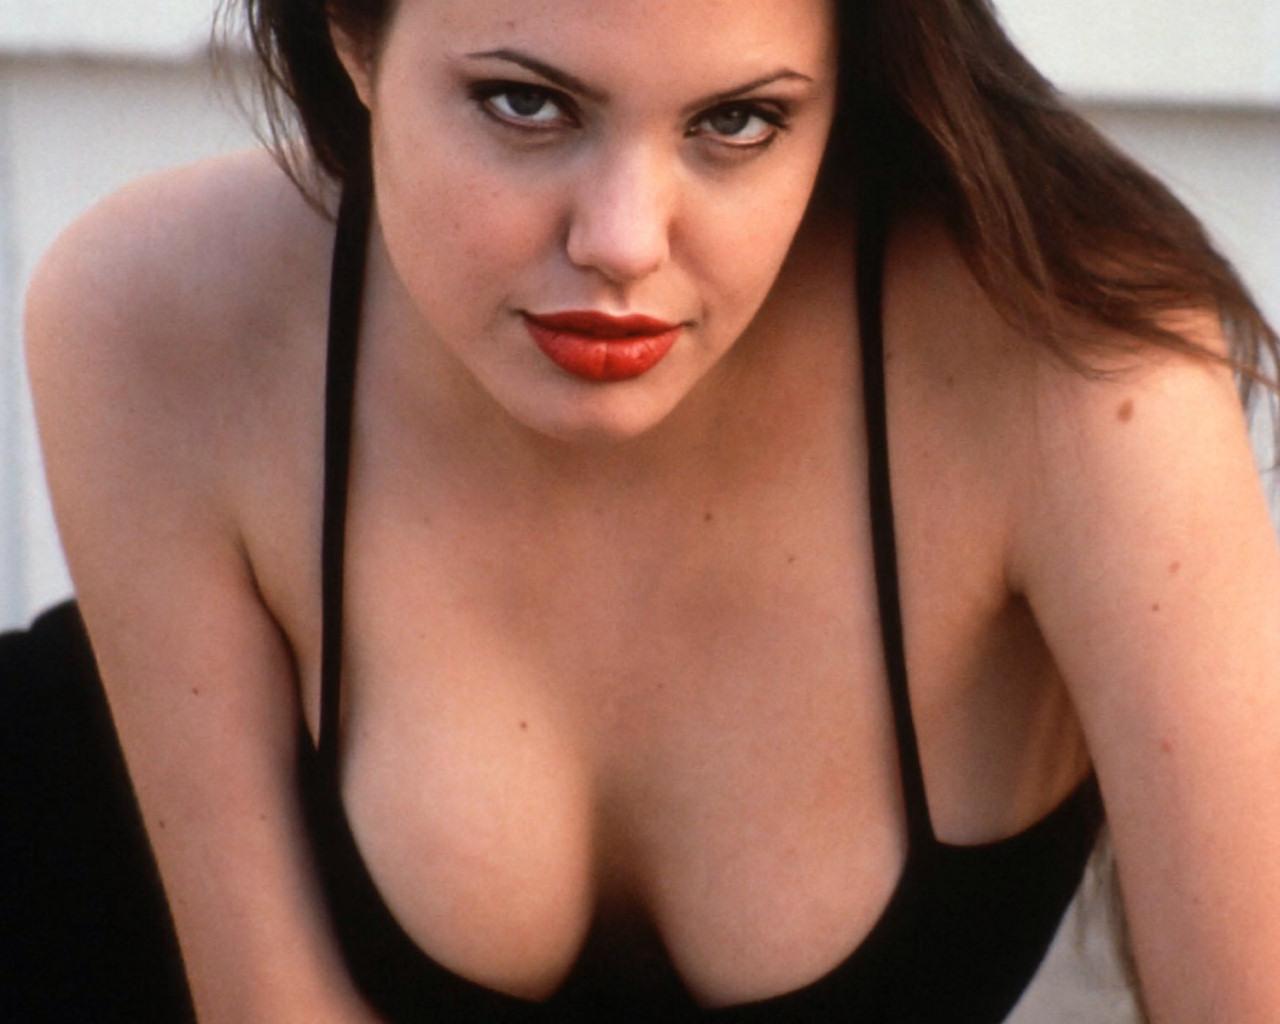 http://3.bp.blogspot.com/_Ulr0yOQ6rB0/TG98U2ByuhI/AAAAAAAAAHE/UoBKh3brB28/s1600/angelina1.jpg